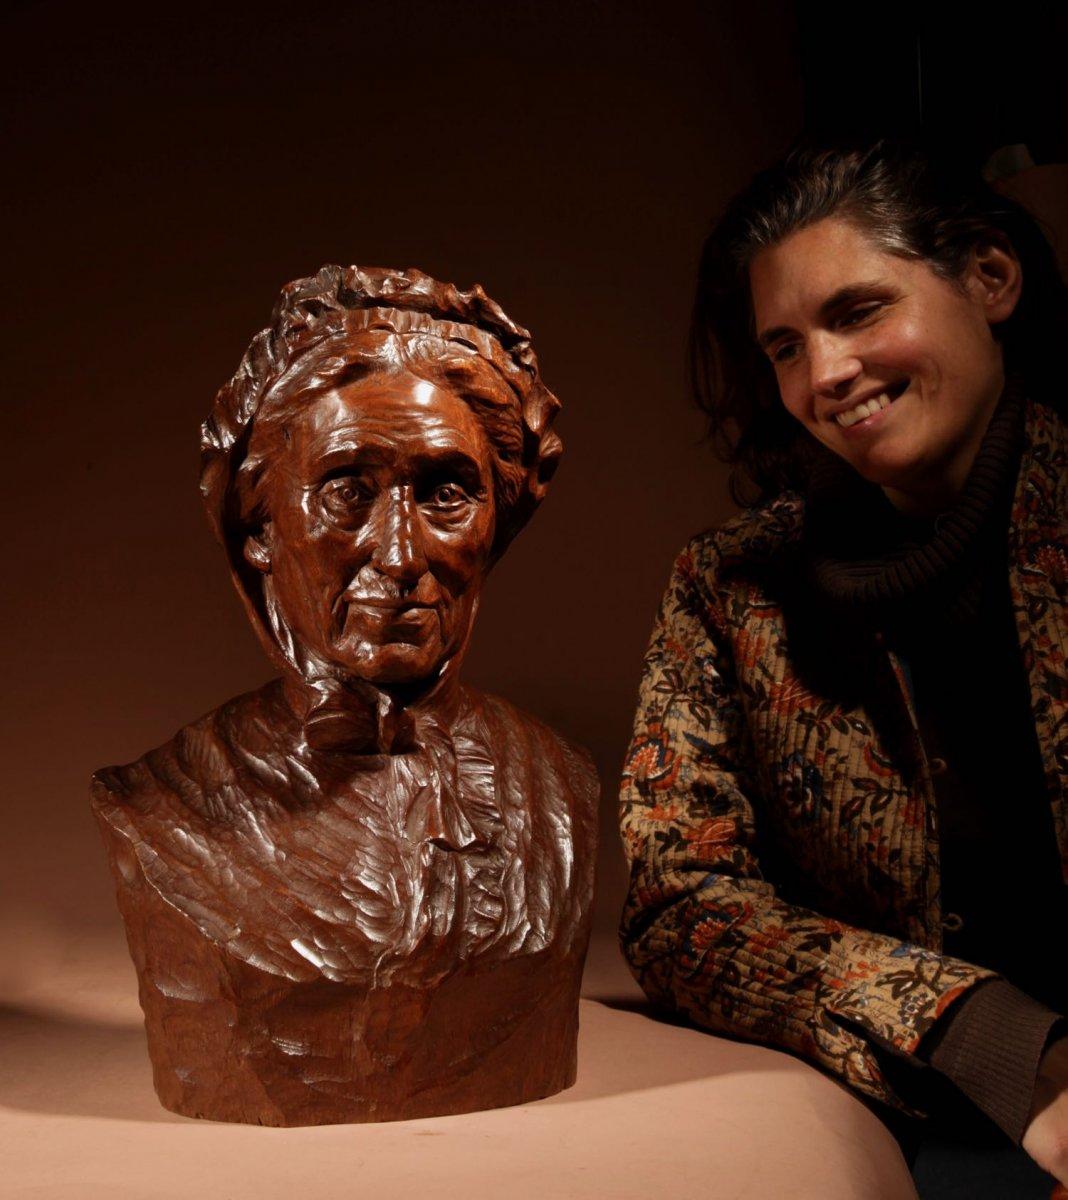 Un Beau Buste Expressif Sculpté an Bois  d'Une Femme, Signé B.tuerlinckx = Boudewijn Tuerlinckx (mechele-photo-8